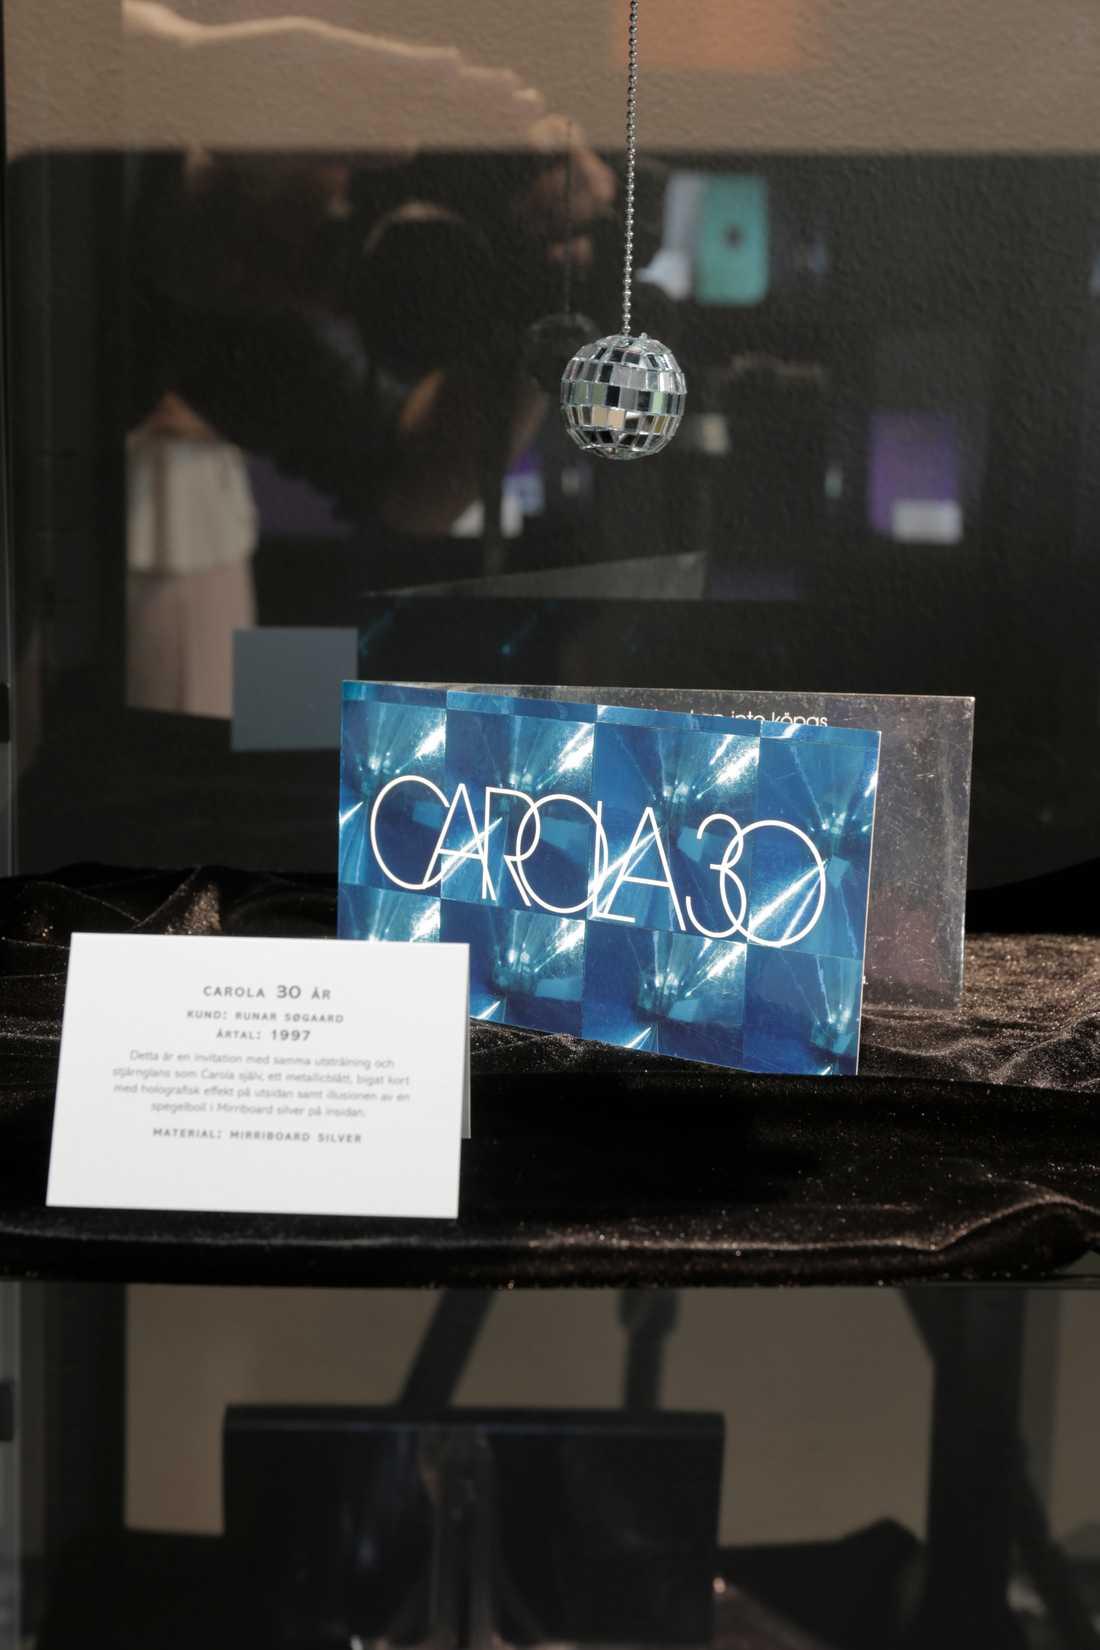 Detta är en invitation med samma utstrålning och stjärnglans som Carola själv, ett metallicblått, bigat kort med holografisk effekt på utsidan samt illusionen av en spegelboll i Mirriboard silver på insidan.